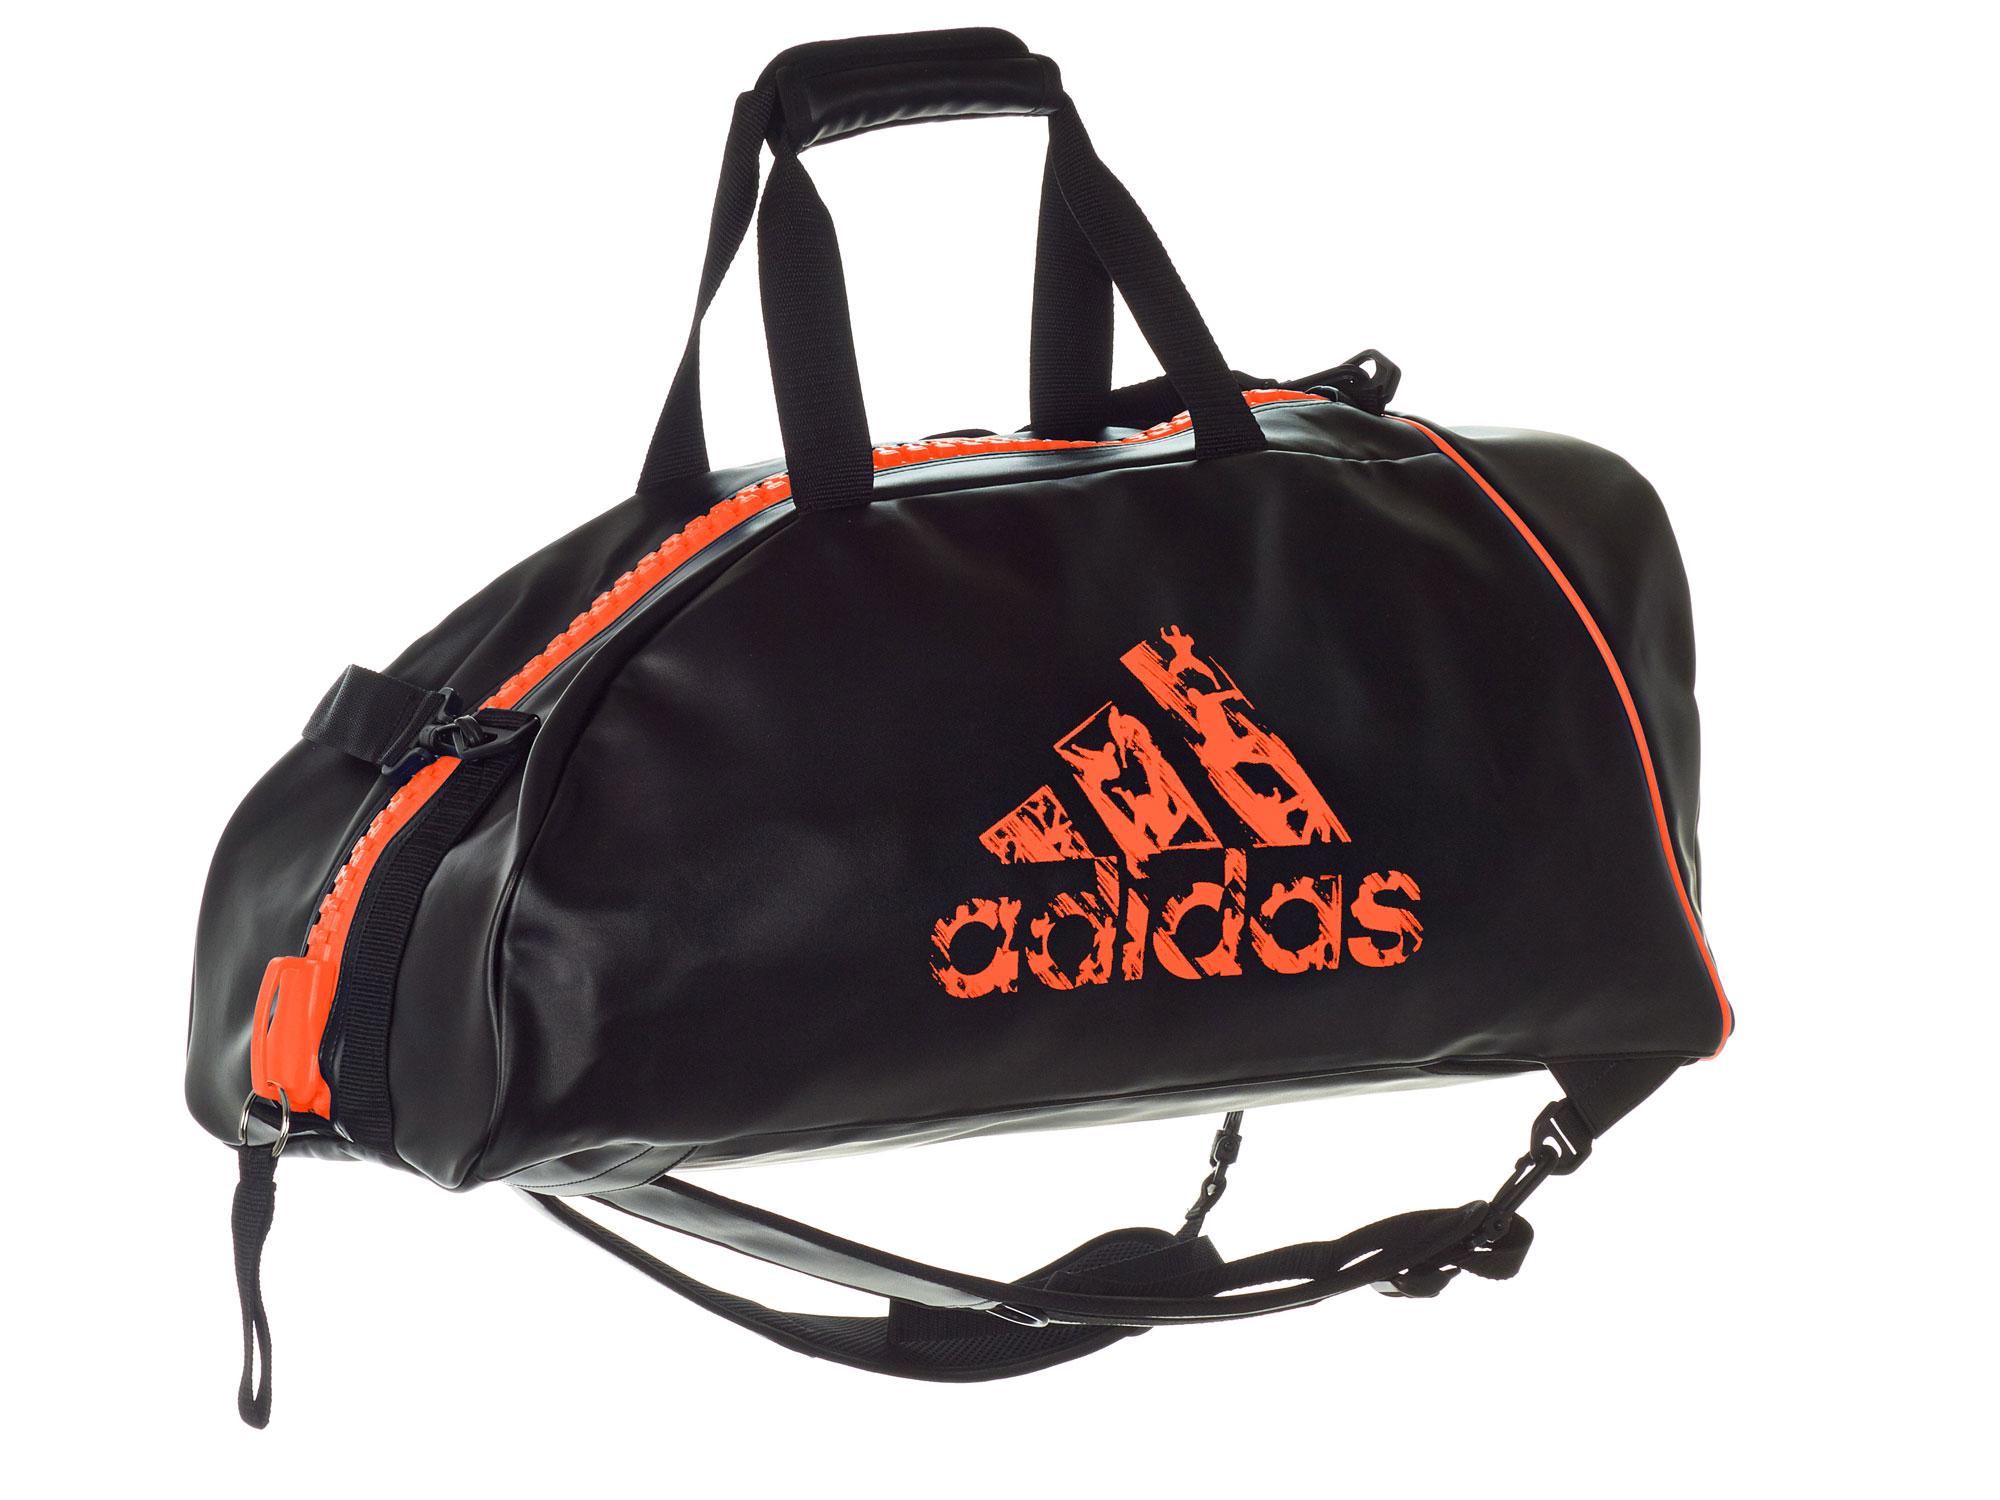 adidas rucksack tasche adiacc051 l schwarz orange kaufen im dtu shop. Black Bedroom Furniture Sets. Home Design Ideas